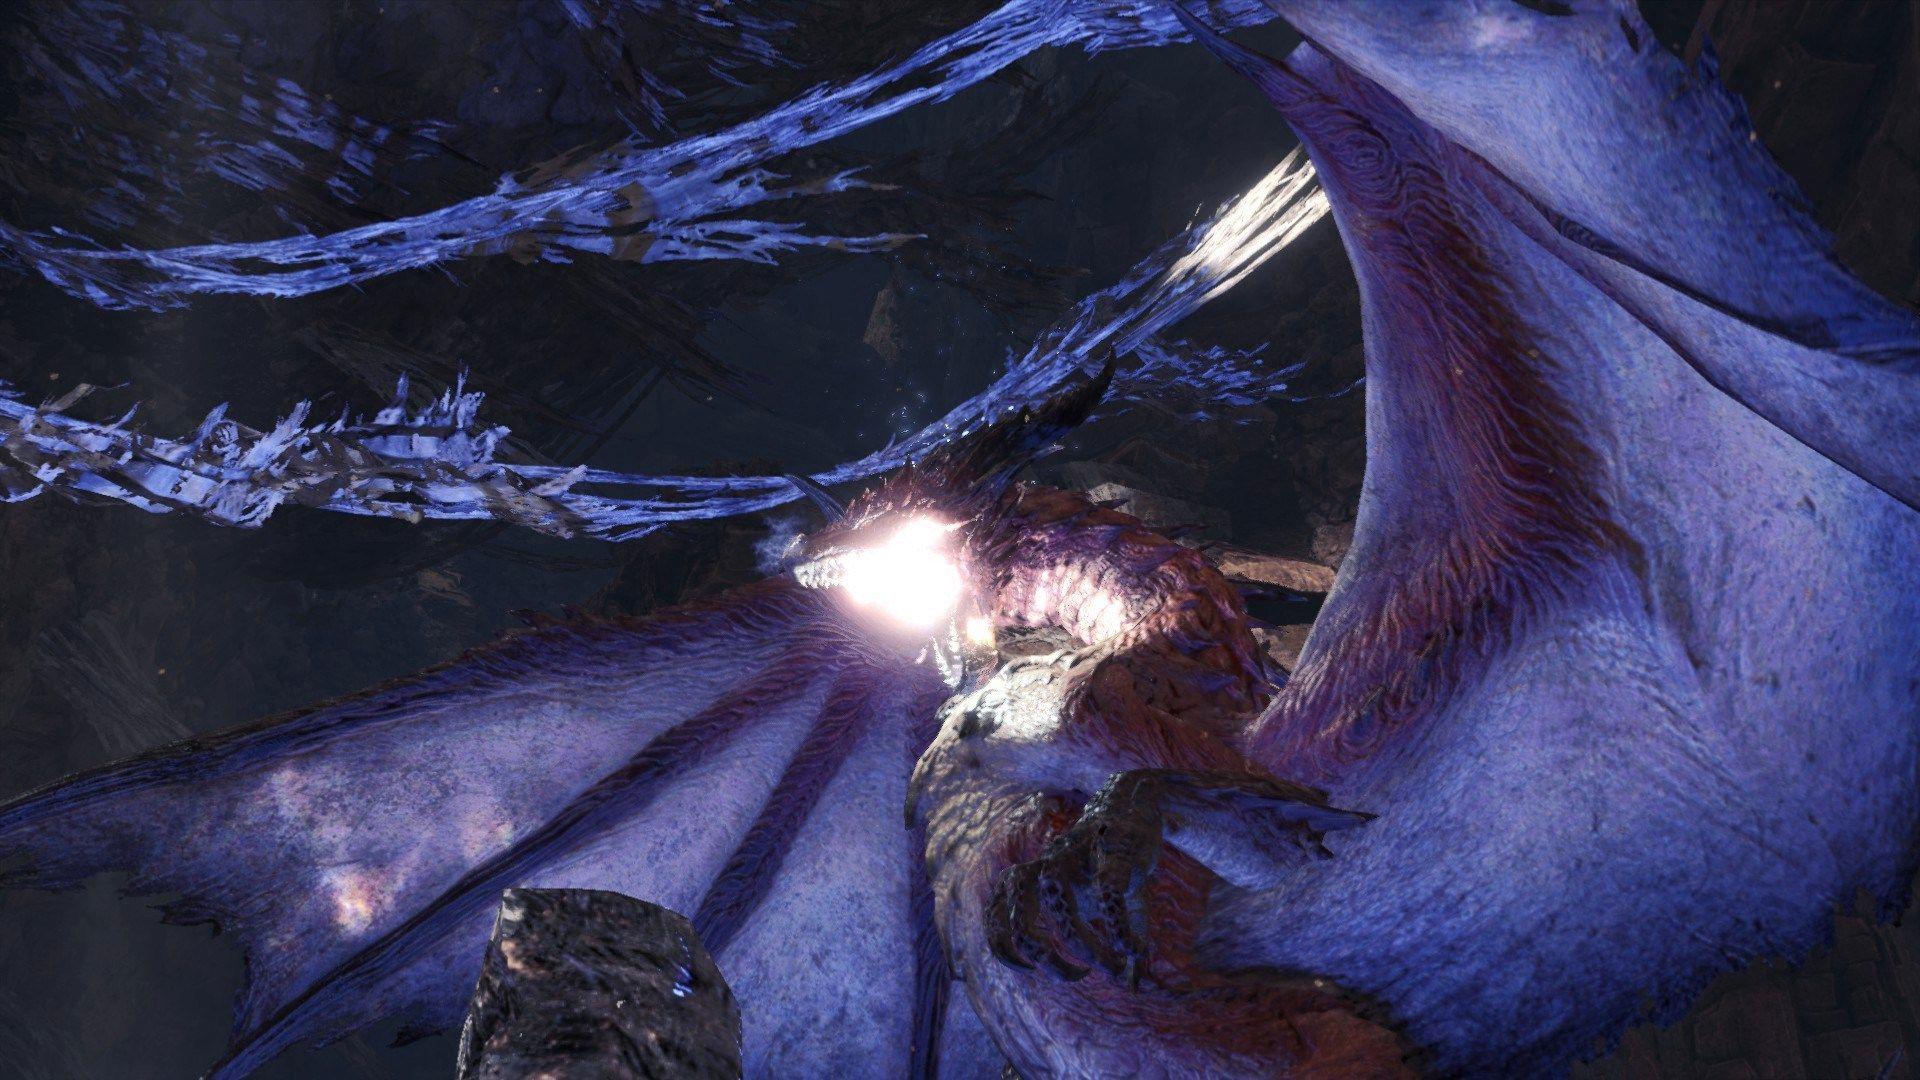 《怪物猎人世界:冰原》新更新 神秘怪物冥赤龙登场